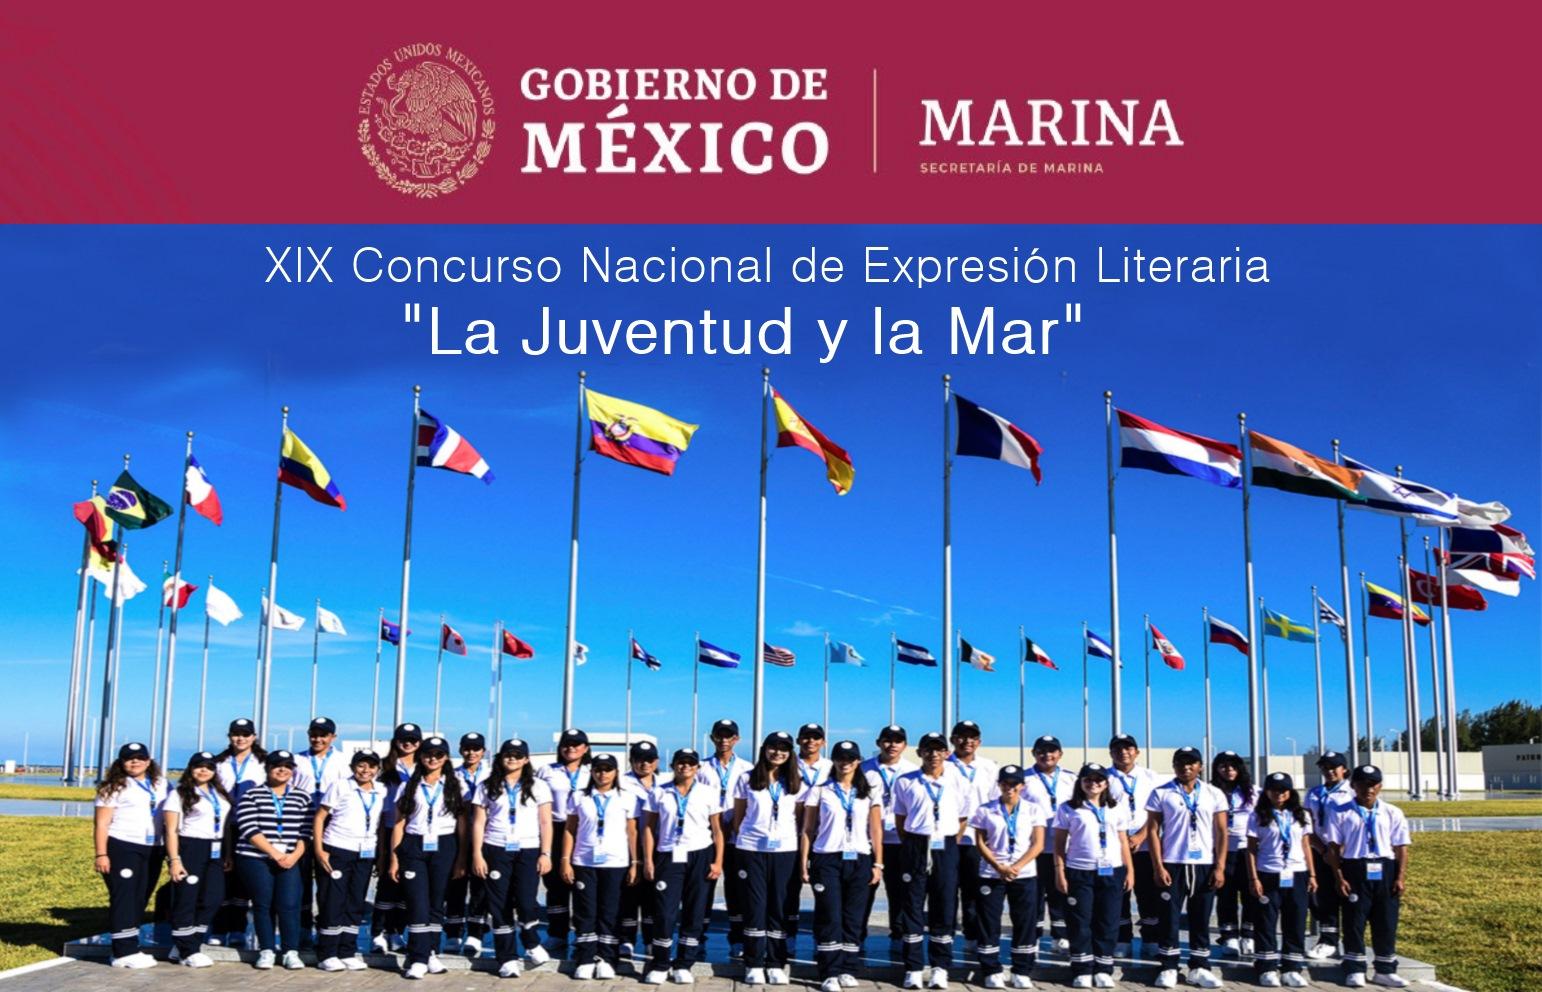 XIX CONCURSO NACIONAL DE EXPRESIÓN LITERARIA LA JUVENTUD Y LA MAR